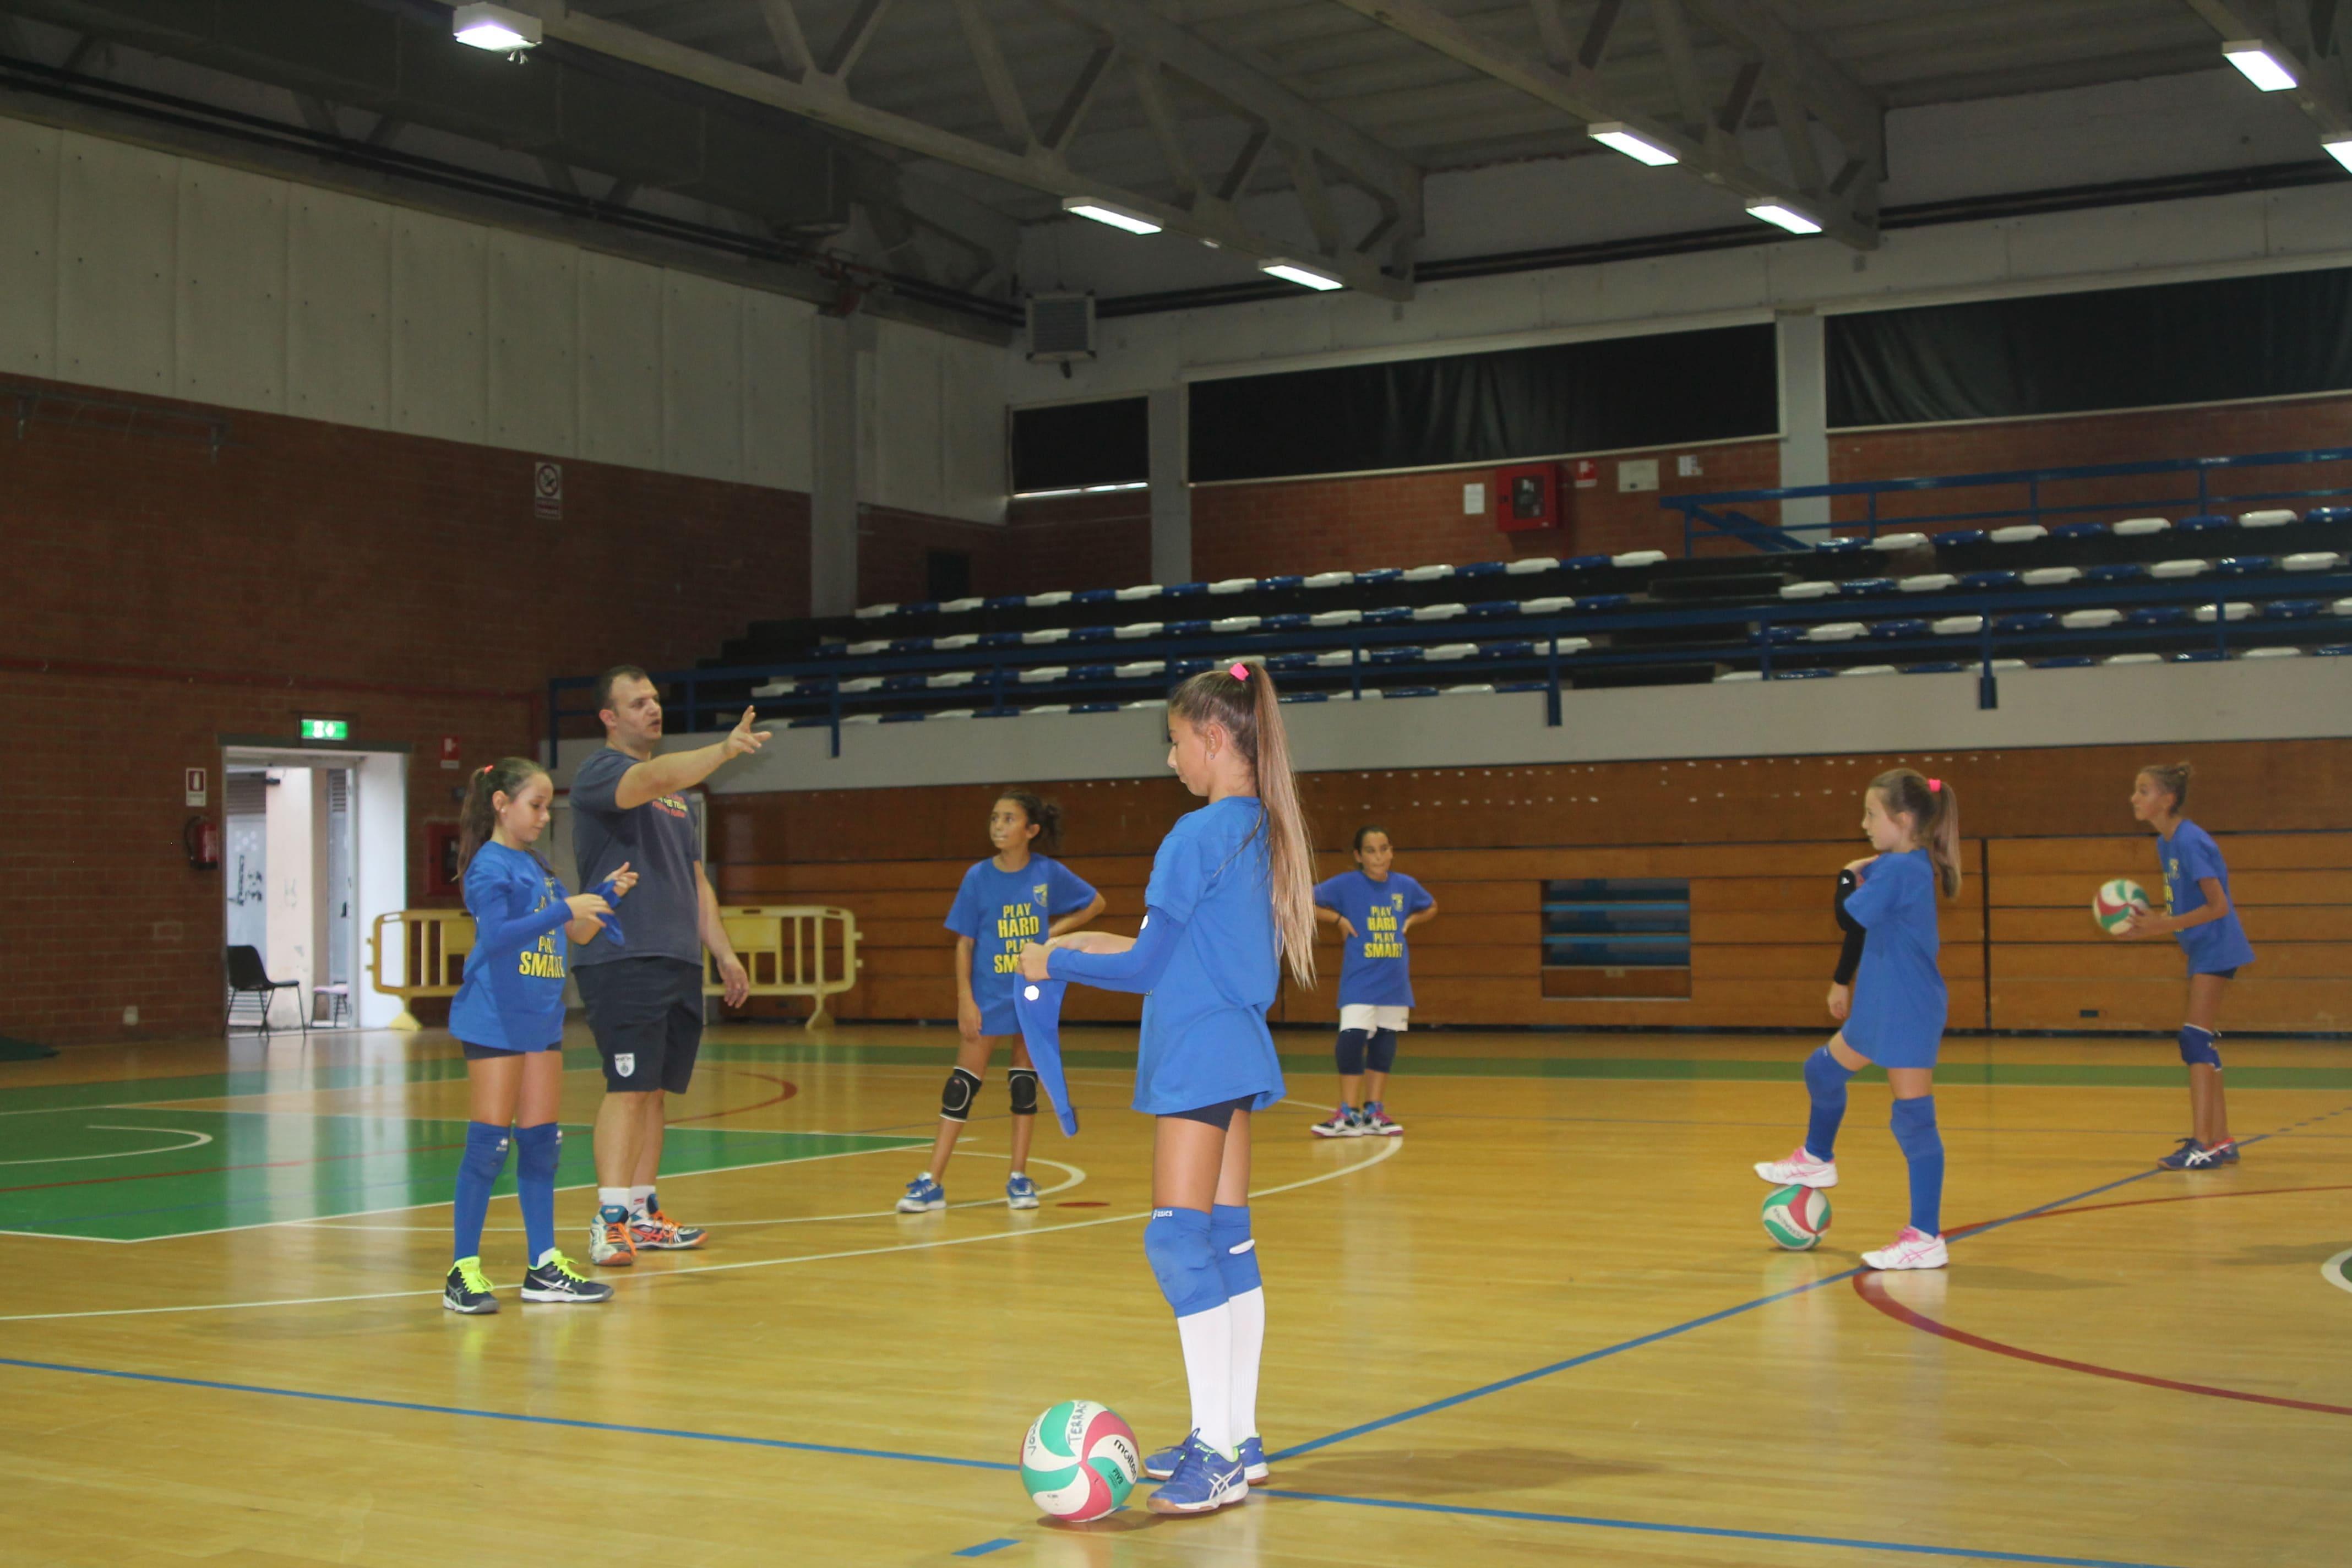 b2-volley-terracina-inizia-la-stagione-anche-per-il-settore-giovanile